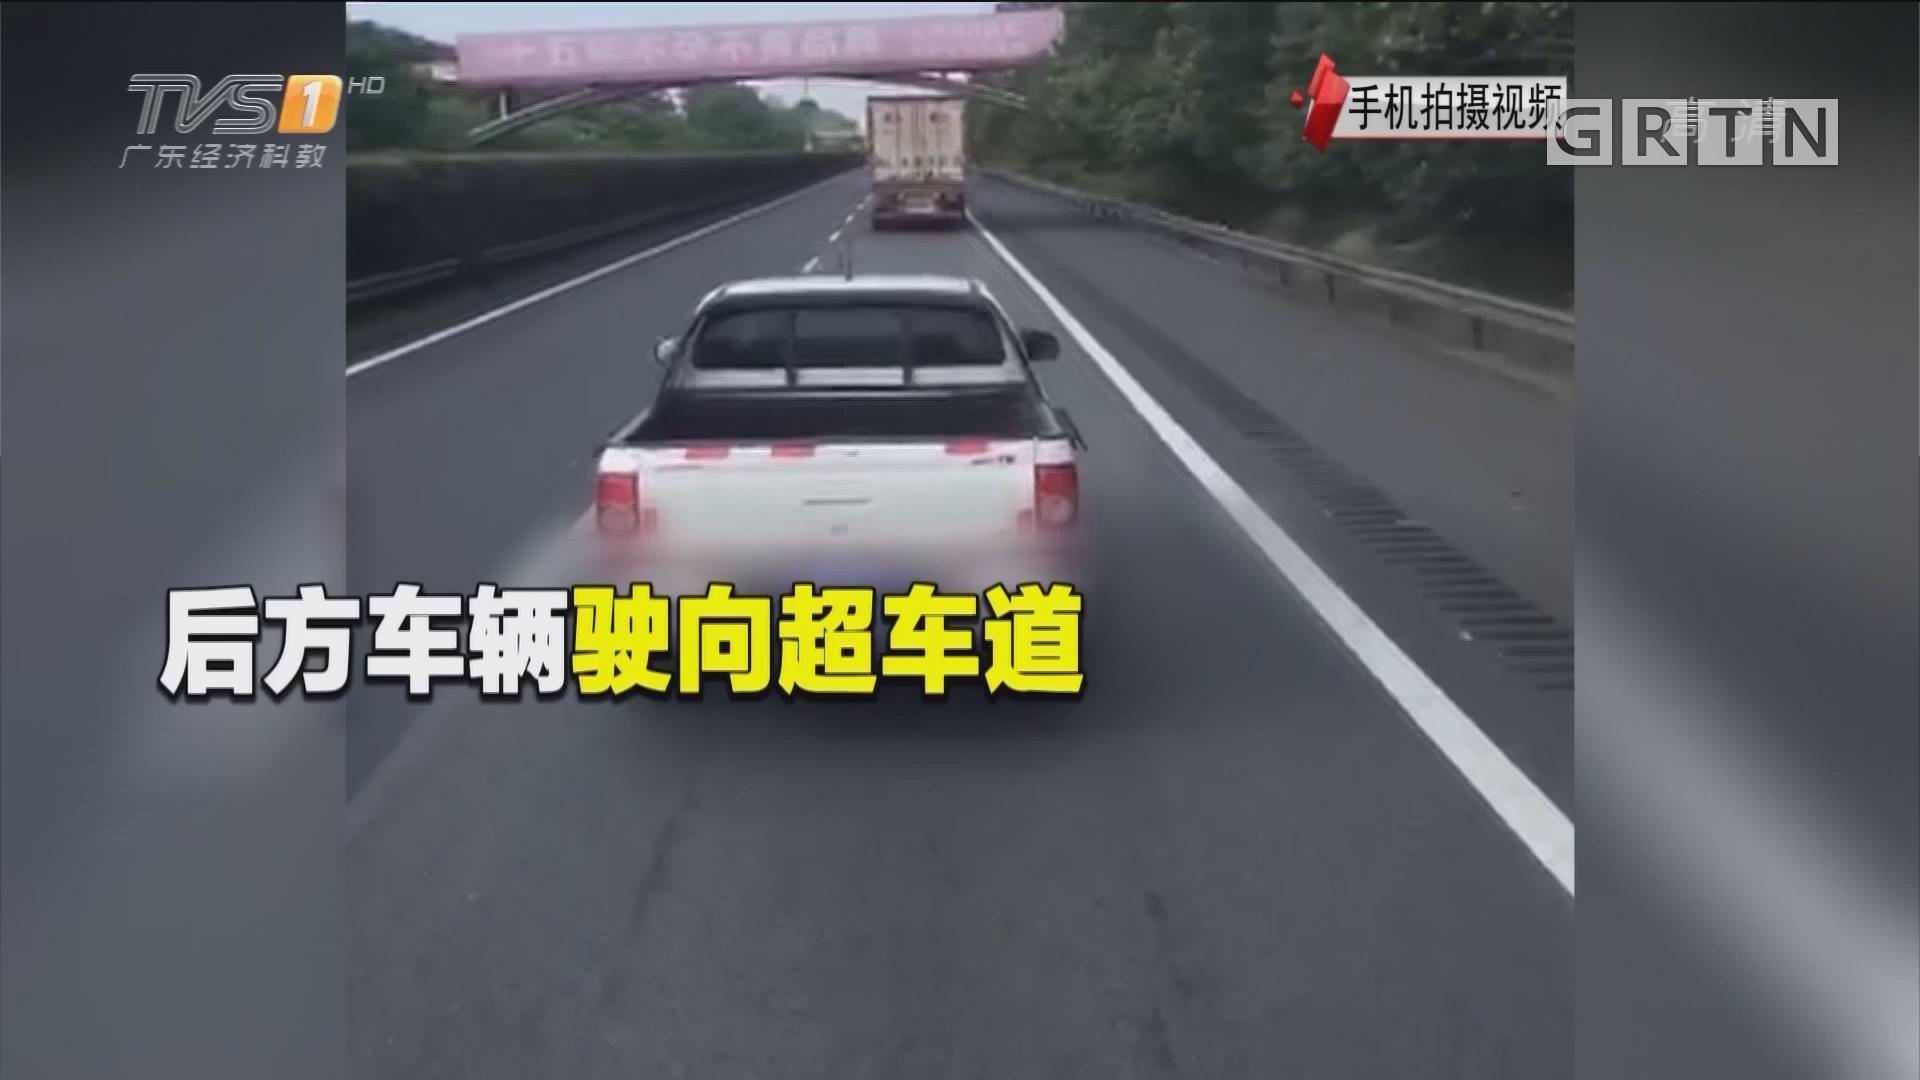 湖南:皮卡疯狂别车3分钟 网友拍视频举报